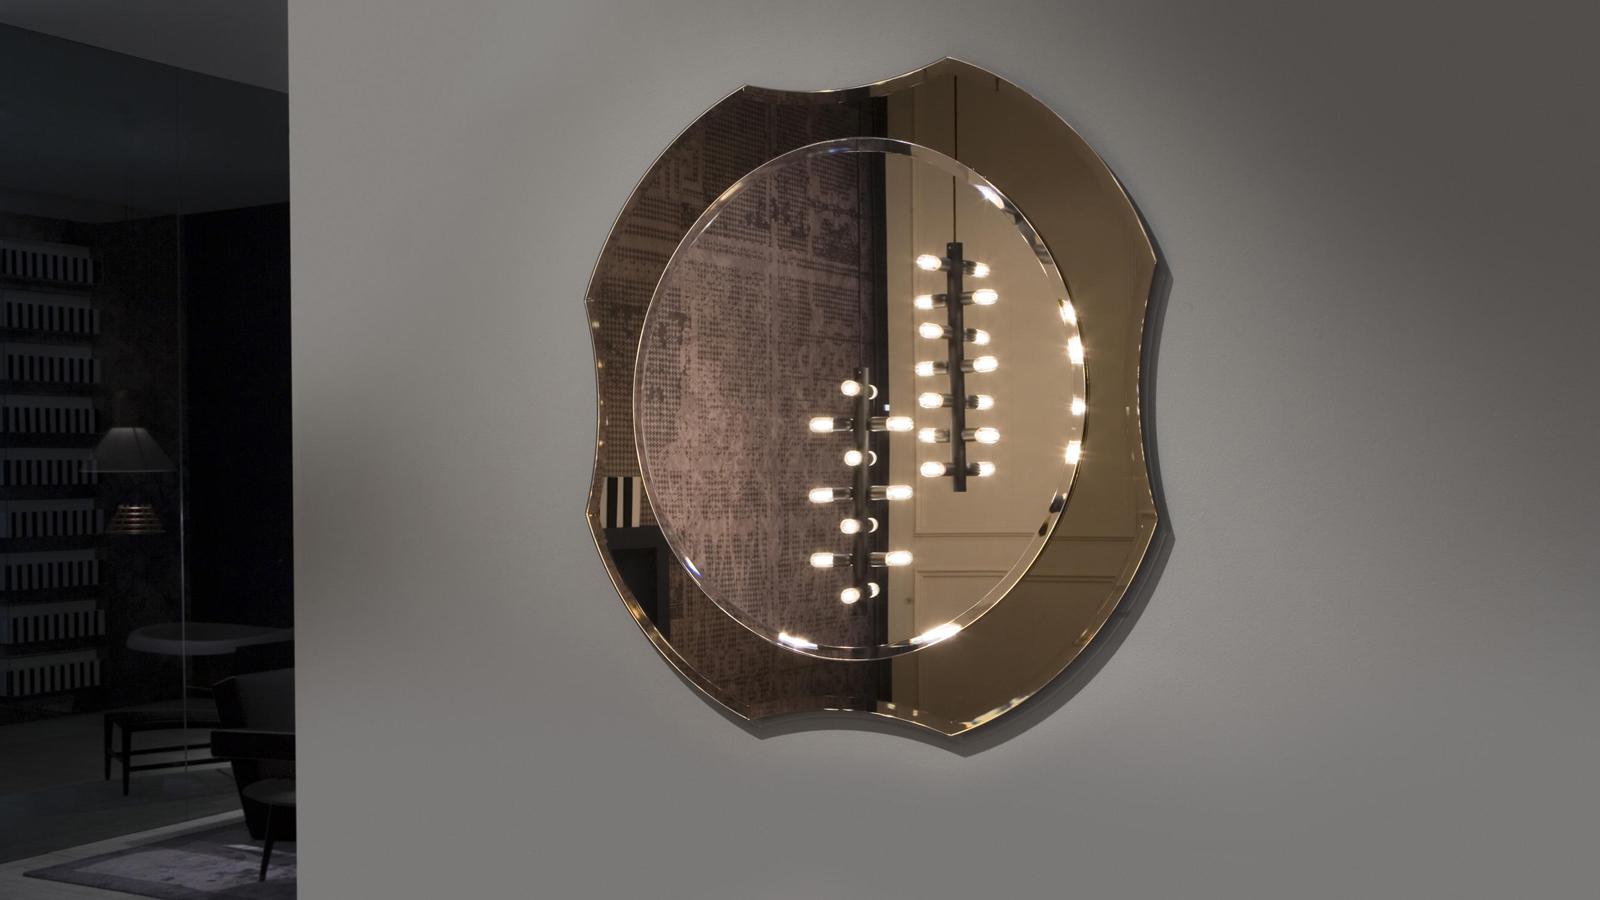 A Luxor tükörkollekciót azoknak ajánlja az antoniolupi, akik a minimalista stílus ellenében vagy mellett enyhén nosztalgikus darabokkal szeretnék berendezni otthonukat. Történelem, hagyomány és régi, közismert formák, melyek akár világítással kombinálva is rendelhetők: a Luxor tükrök otthonunk olyan darabjai lehetnek, melyek biztosan mindenkit emlékeztetnek valamilyen régi-régi tárgyra.